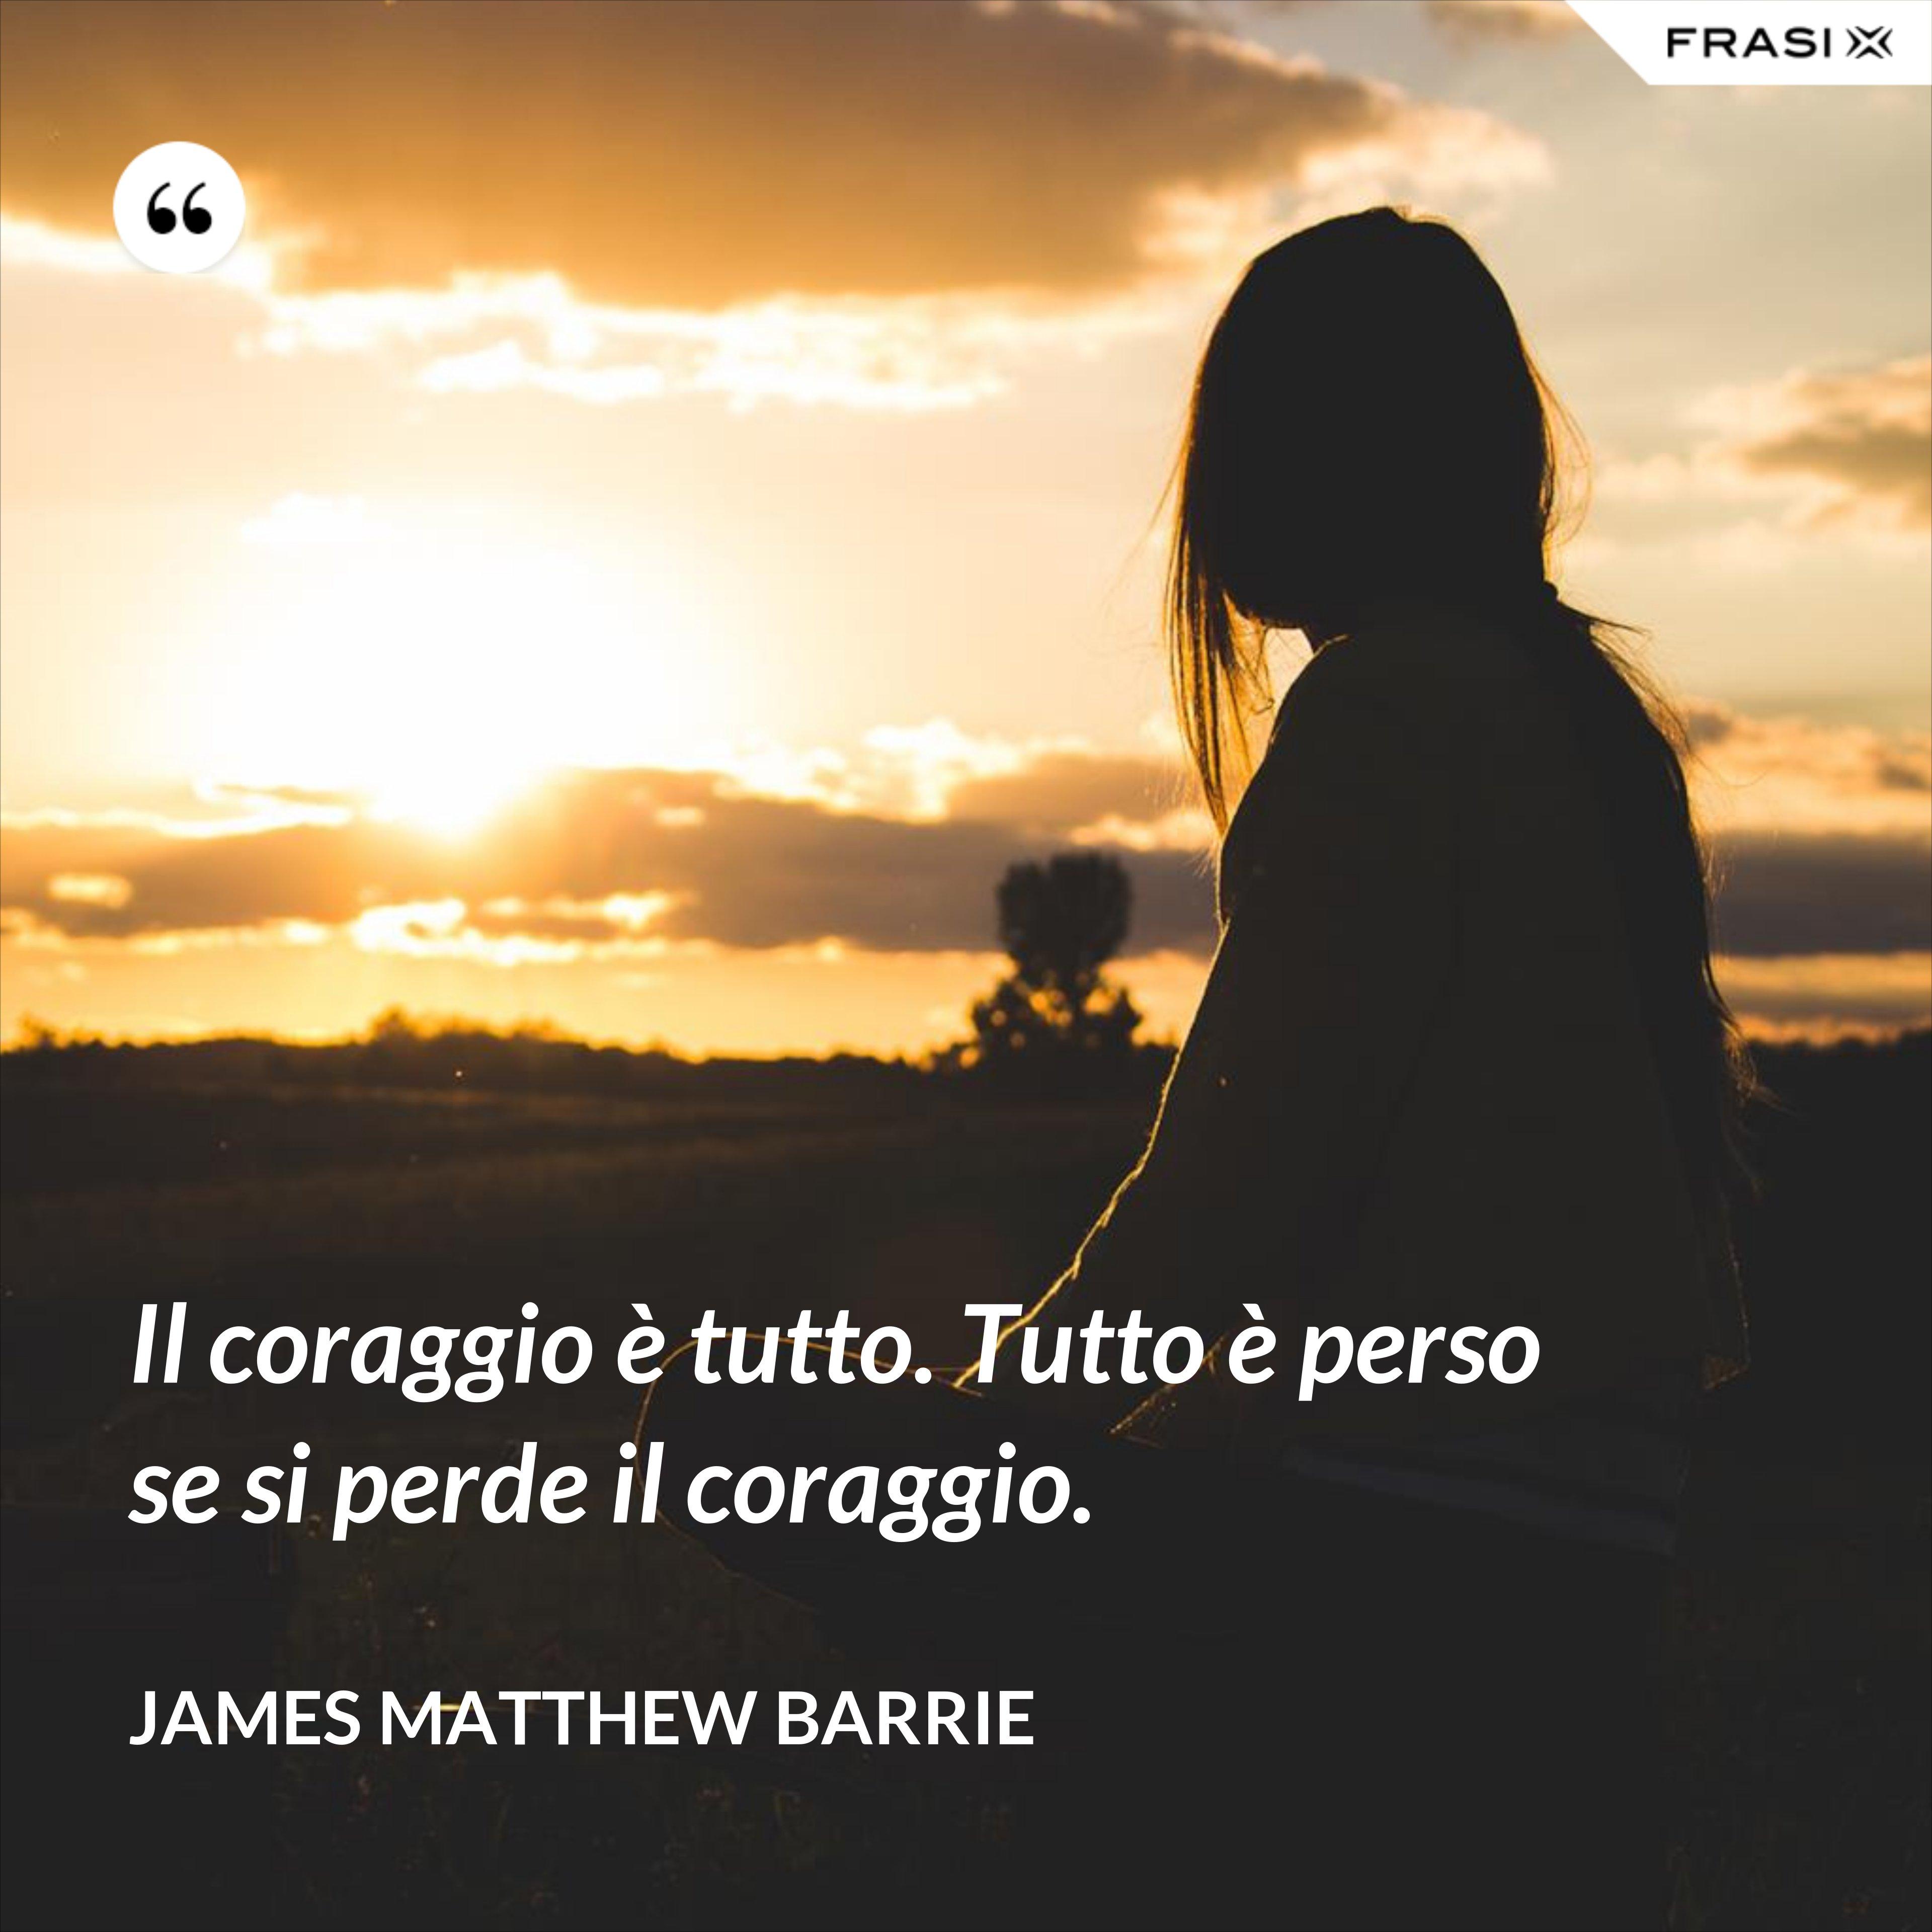 Il coraggio è tutto. Tutto è perso se si perde il coraggio. - James Matthew Barrie